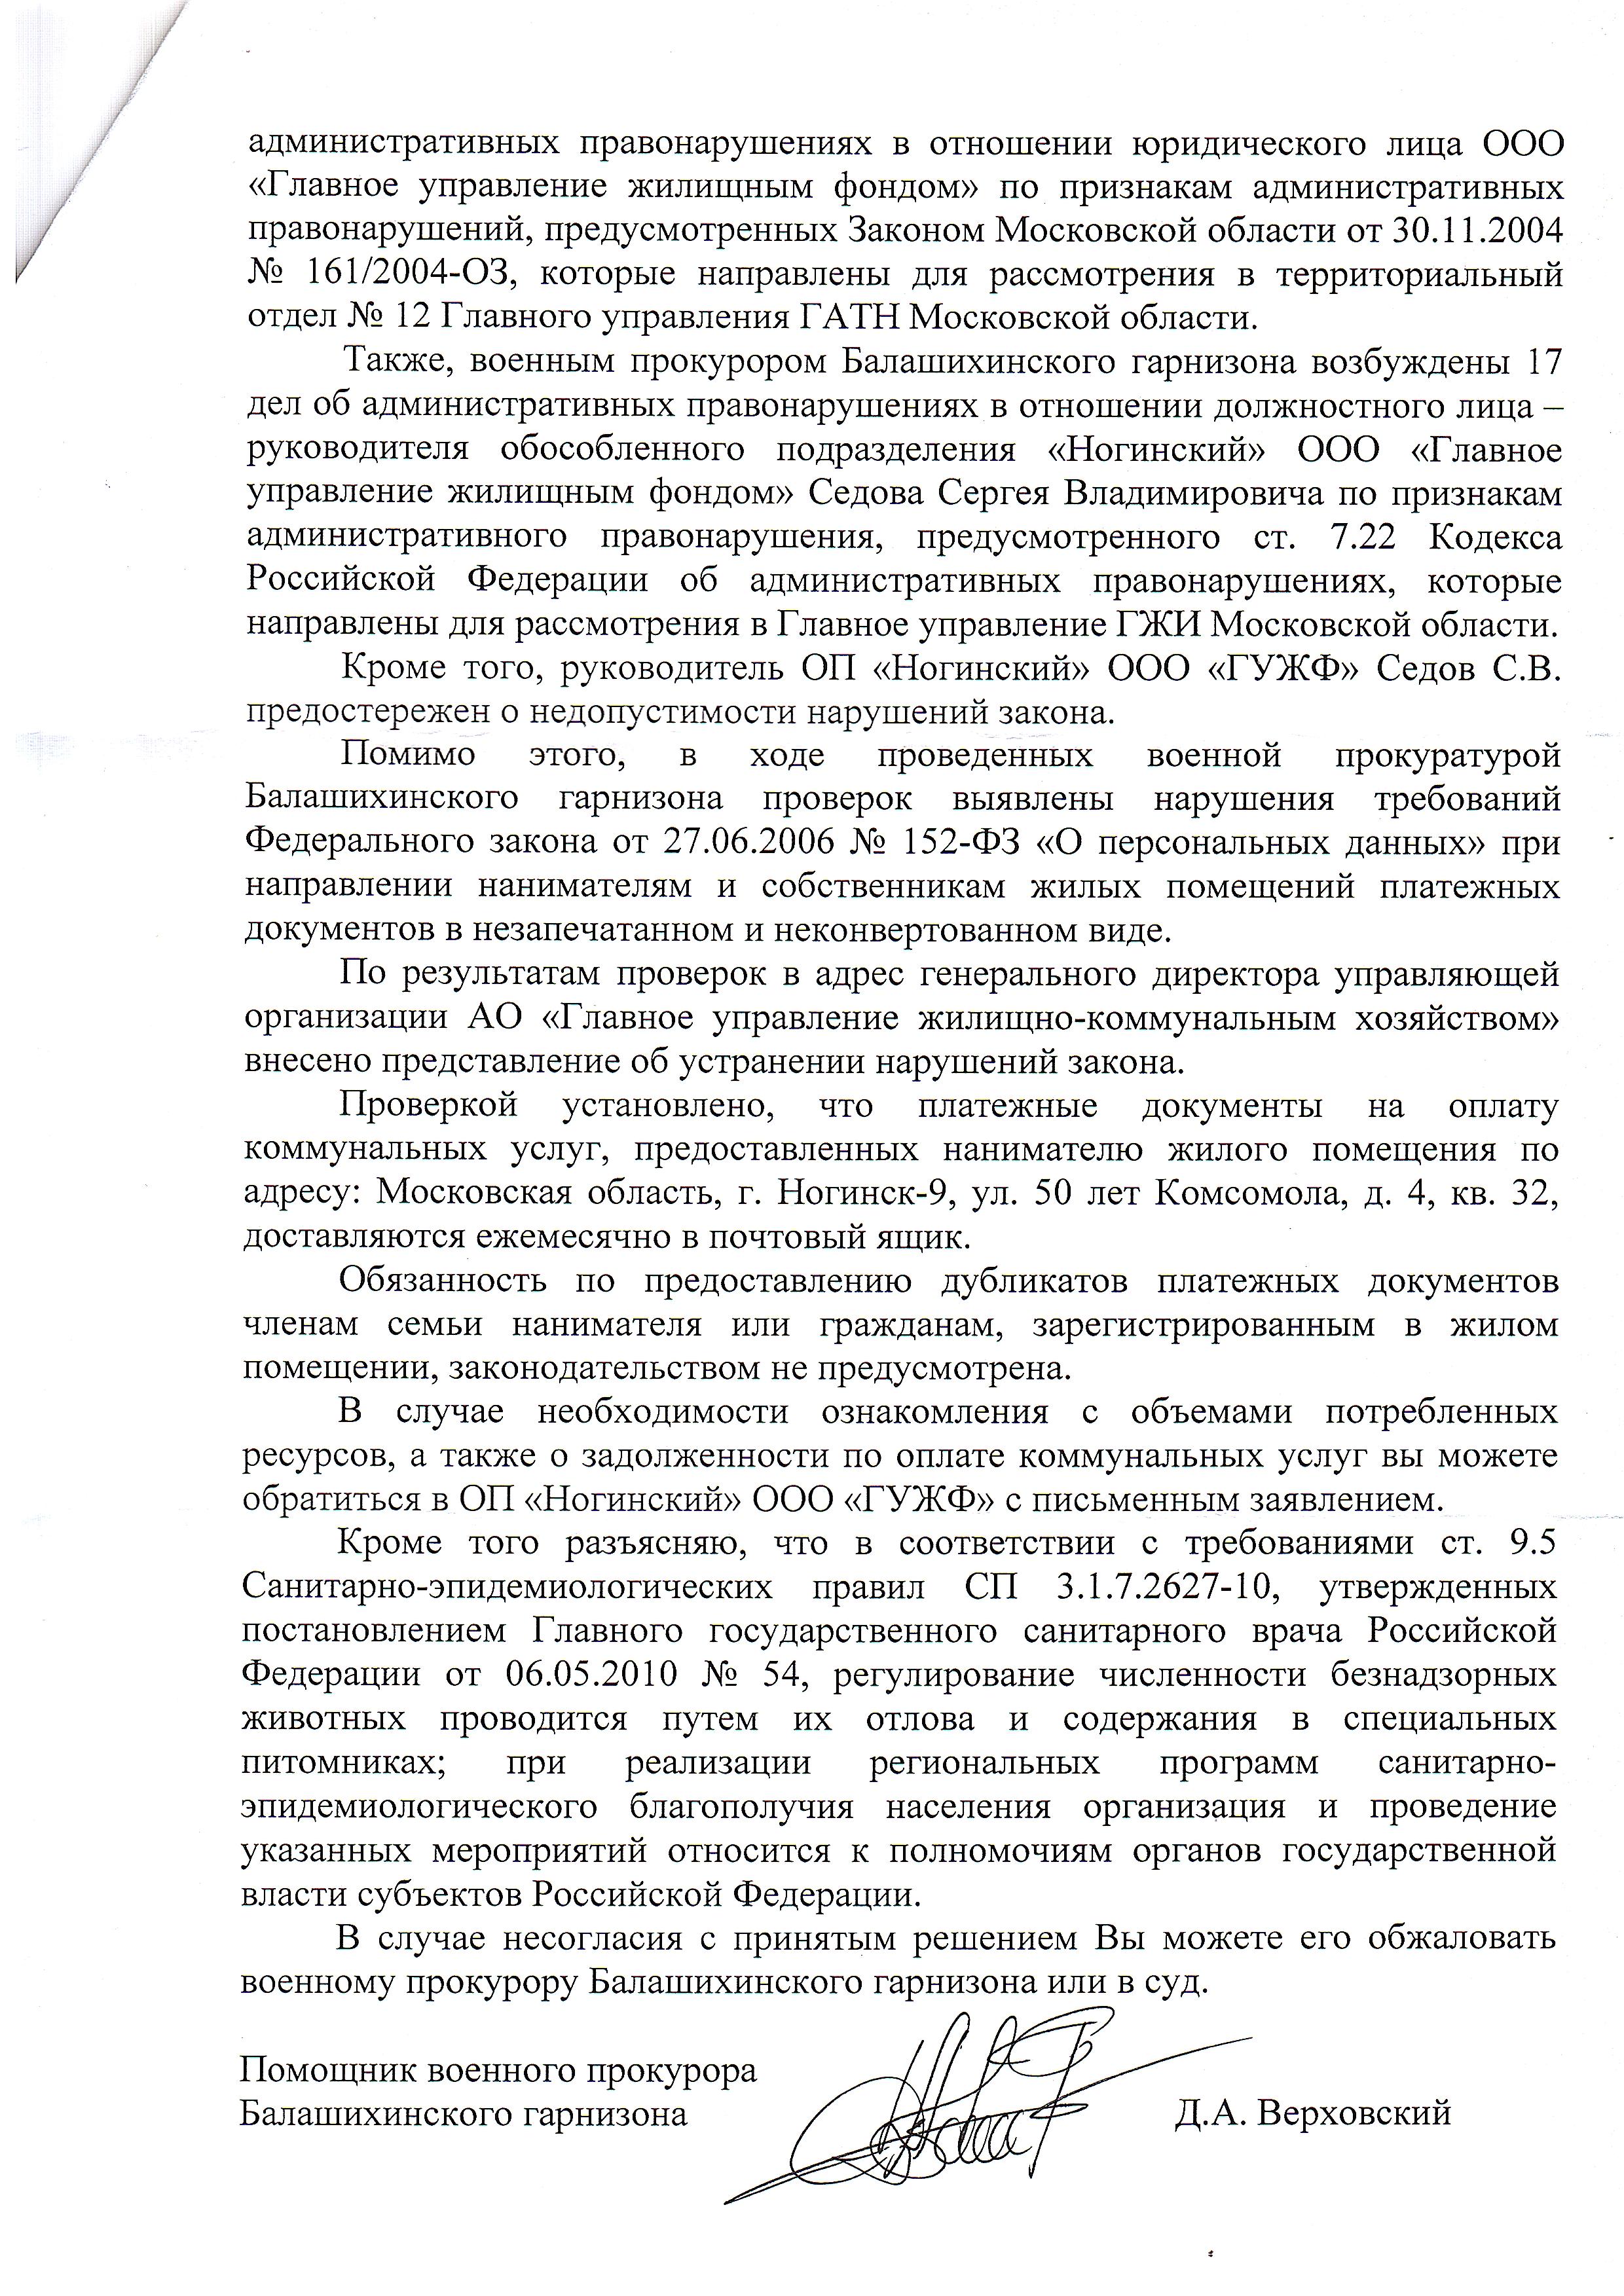 Otvet_voennoy_prokuraturi_2